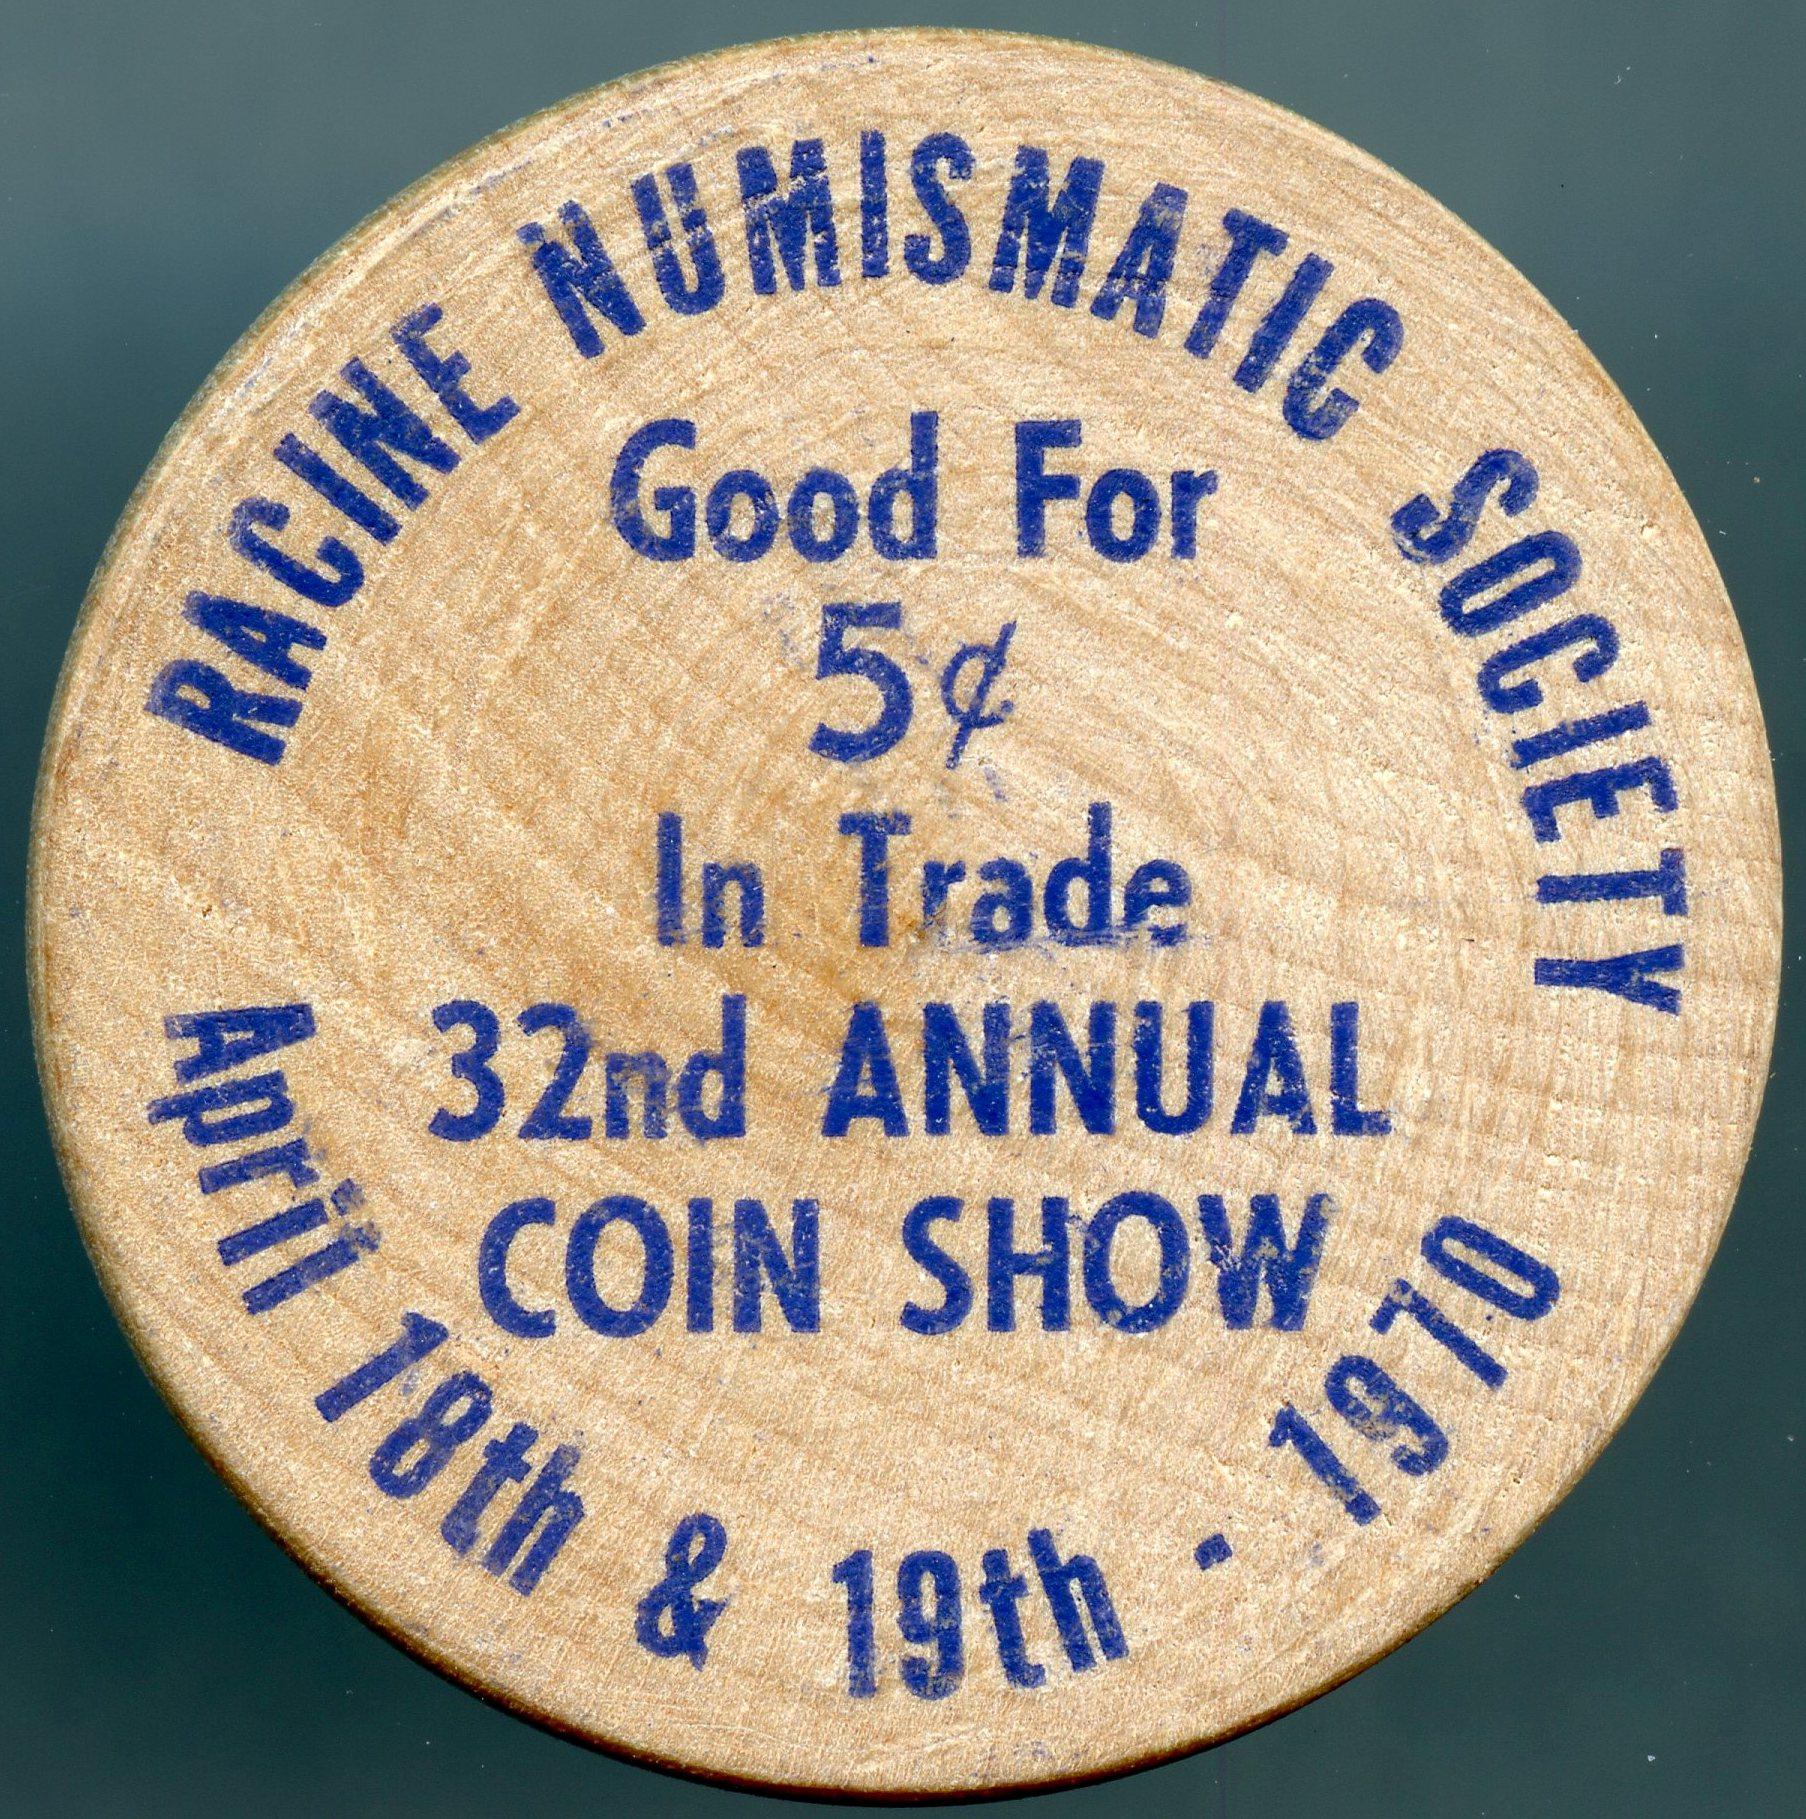 racine coin show